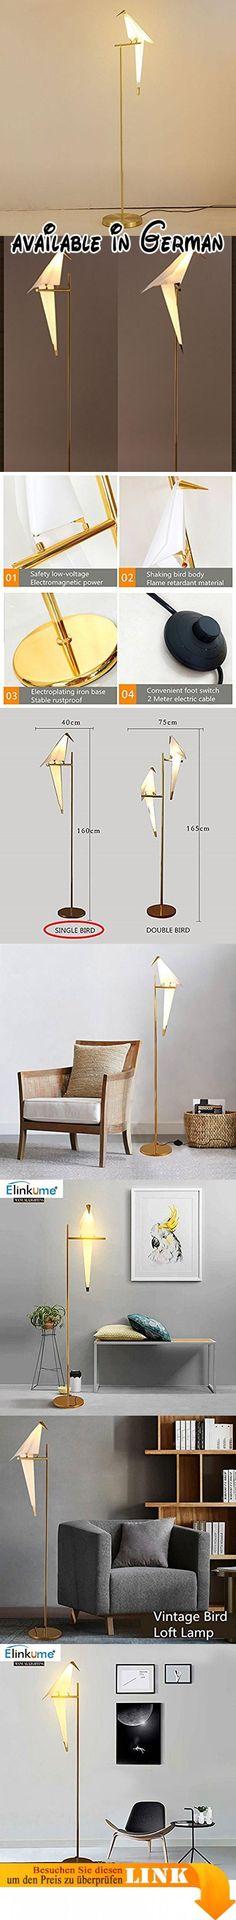 Pin by StievelKnievel on Wohnzimmer Pinterest Living rooms - lampe für wohnzimmer